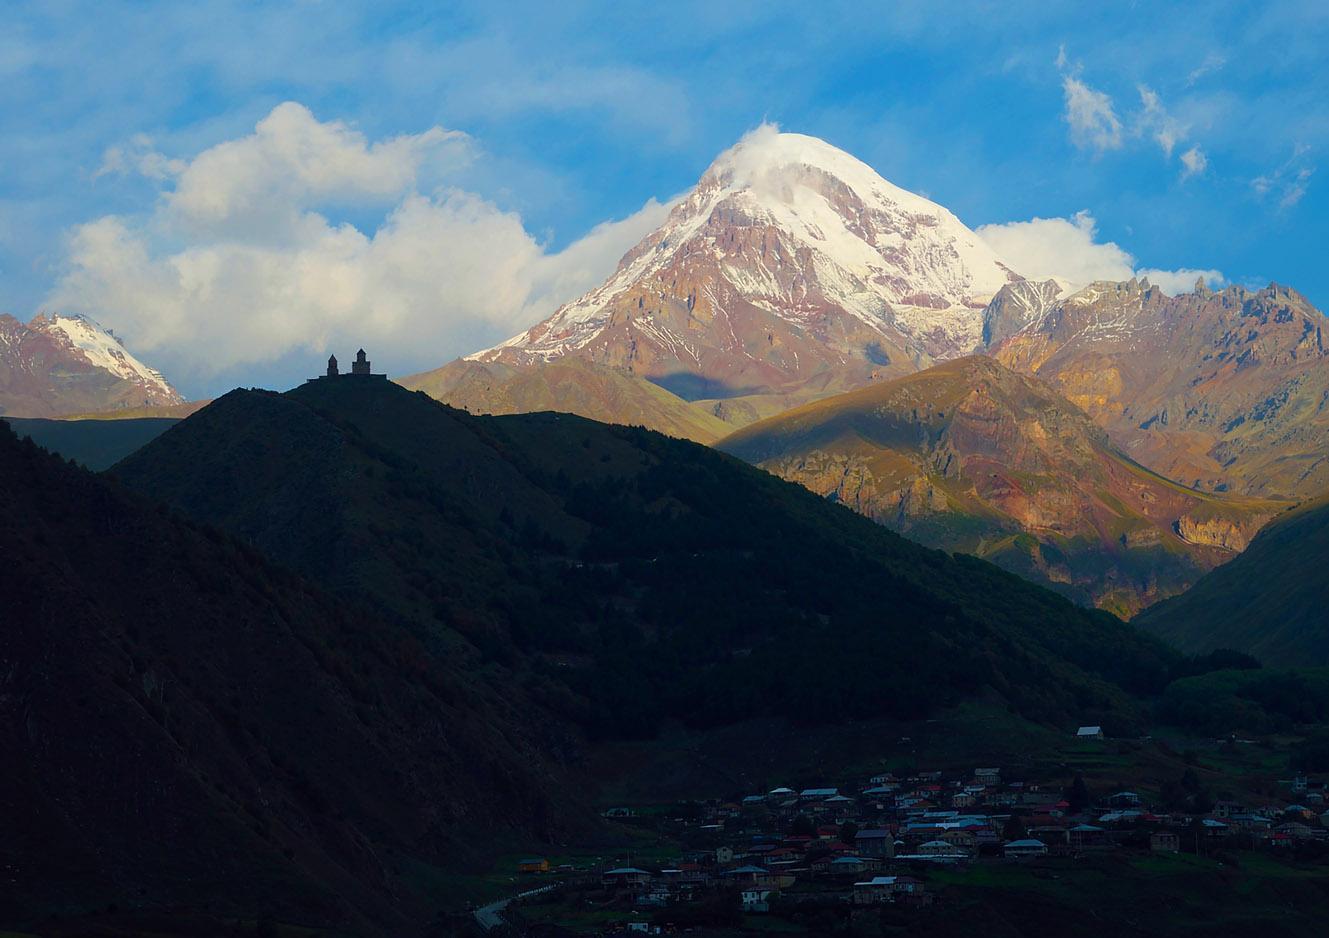 КАЗБЕК ИЗ ГРУЗИИ (5033 м)